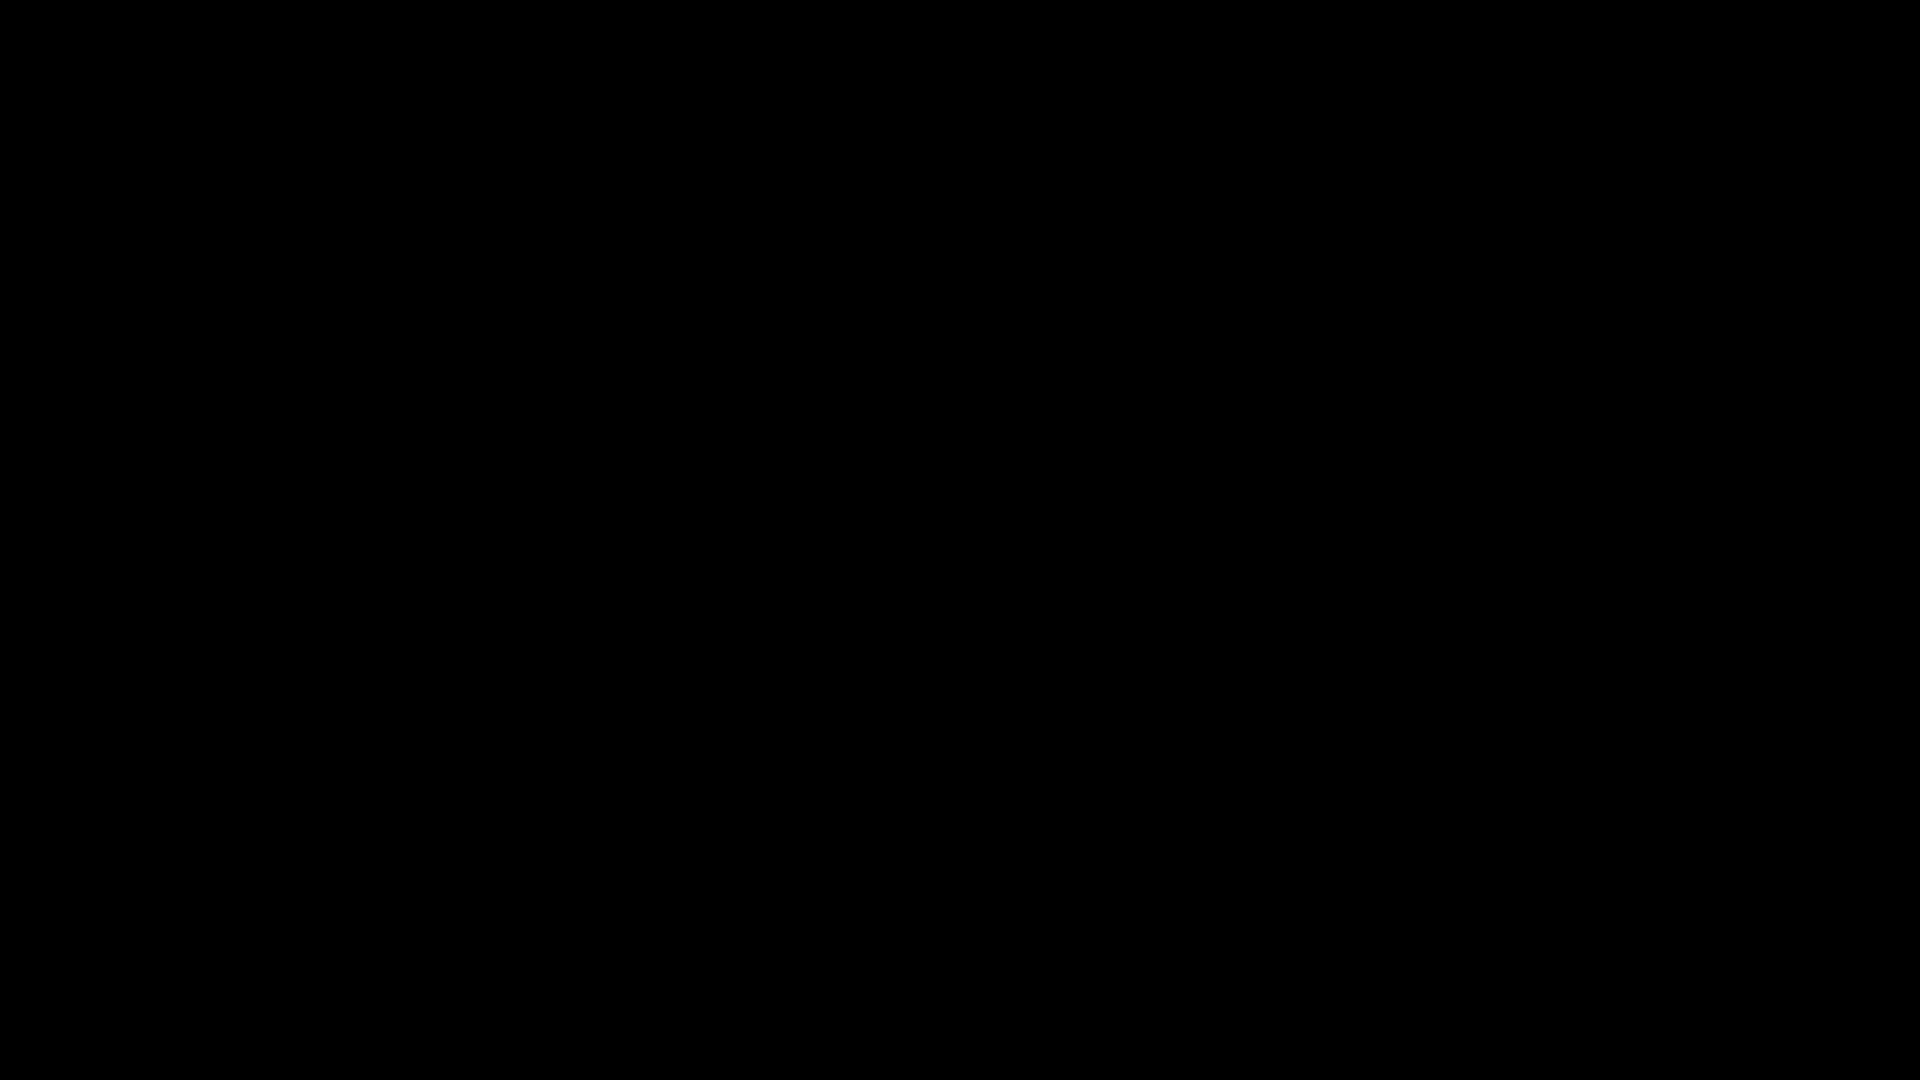 logo-kiona